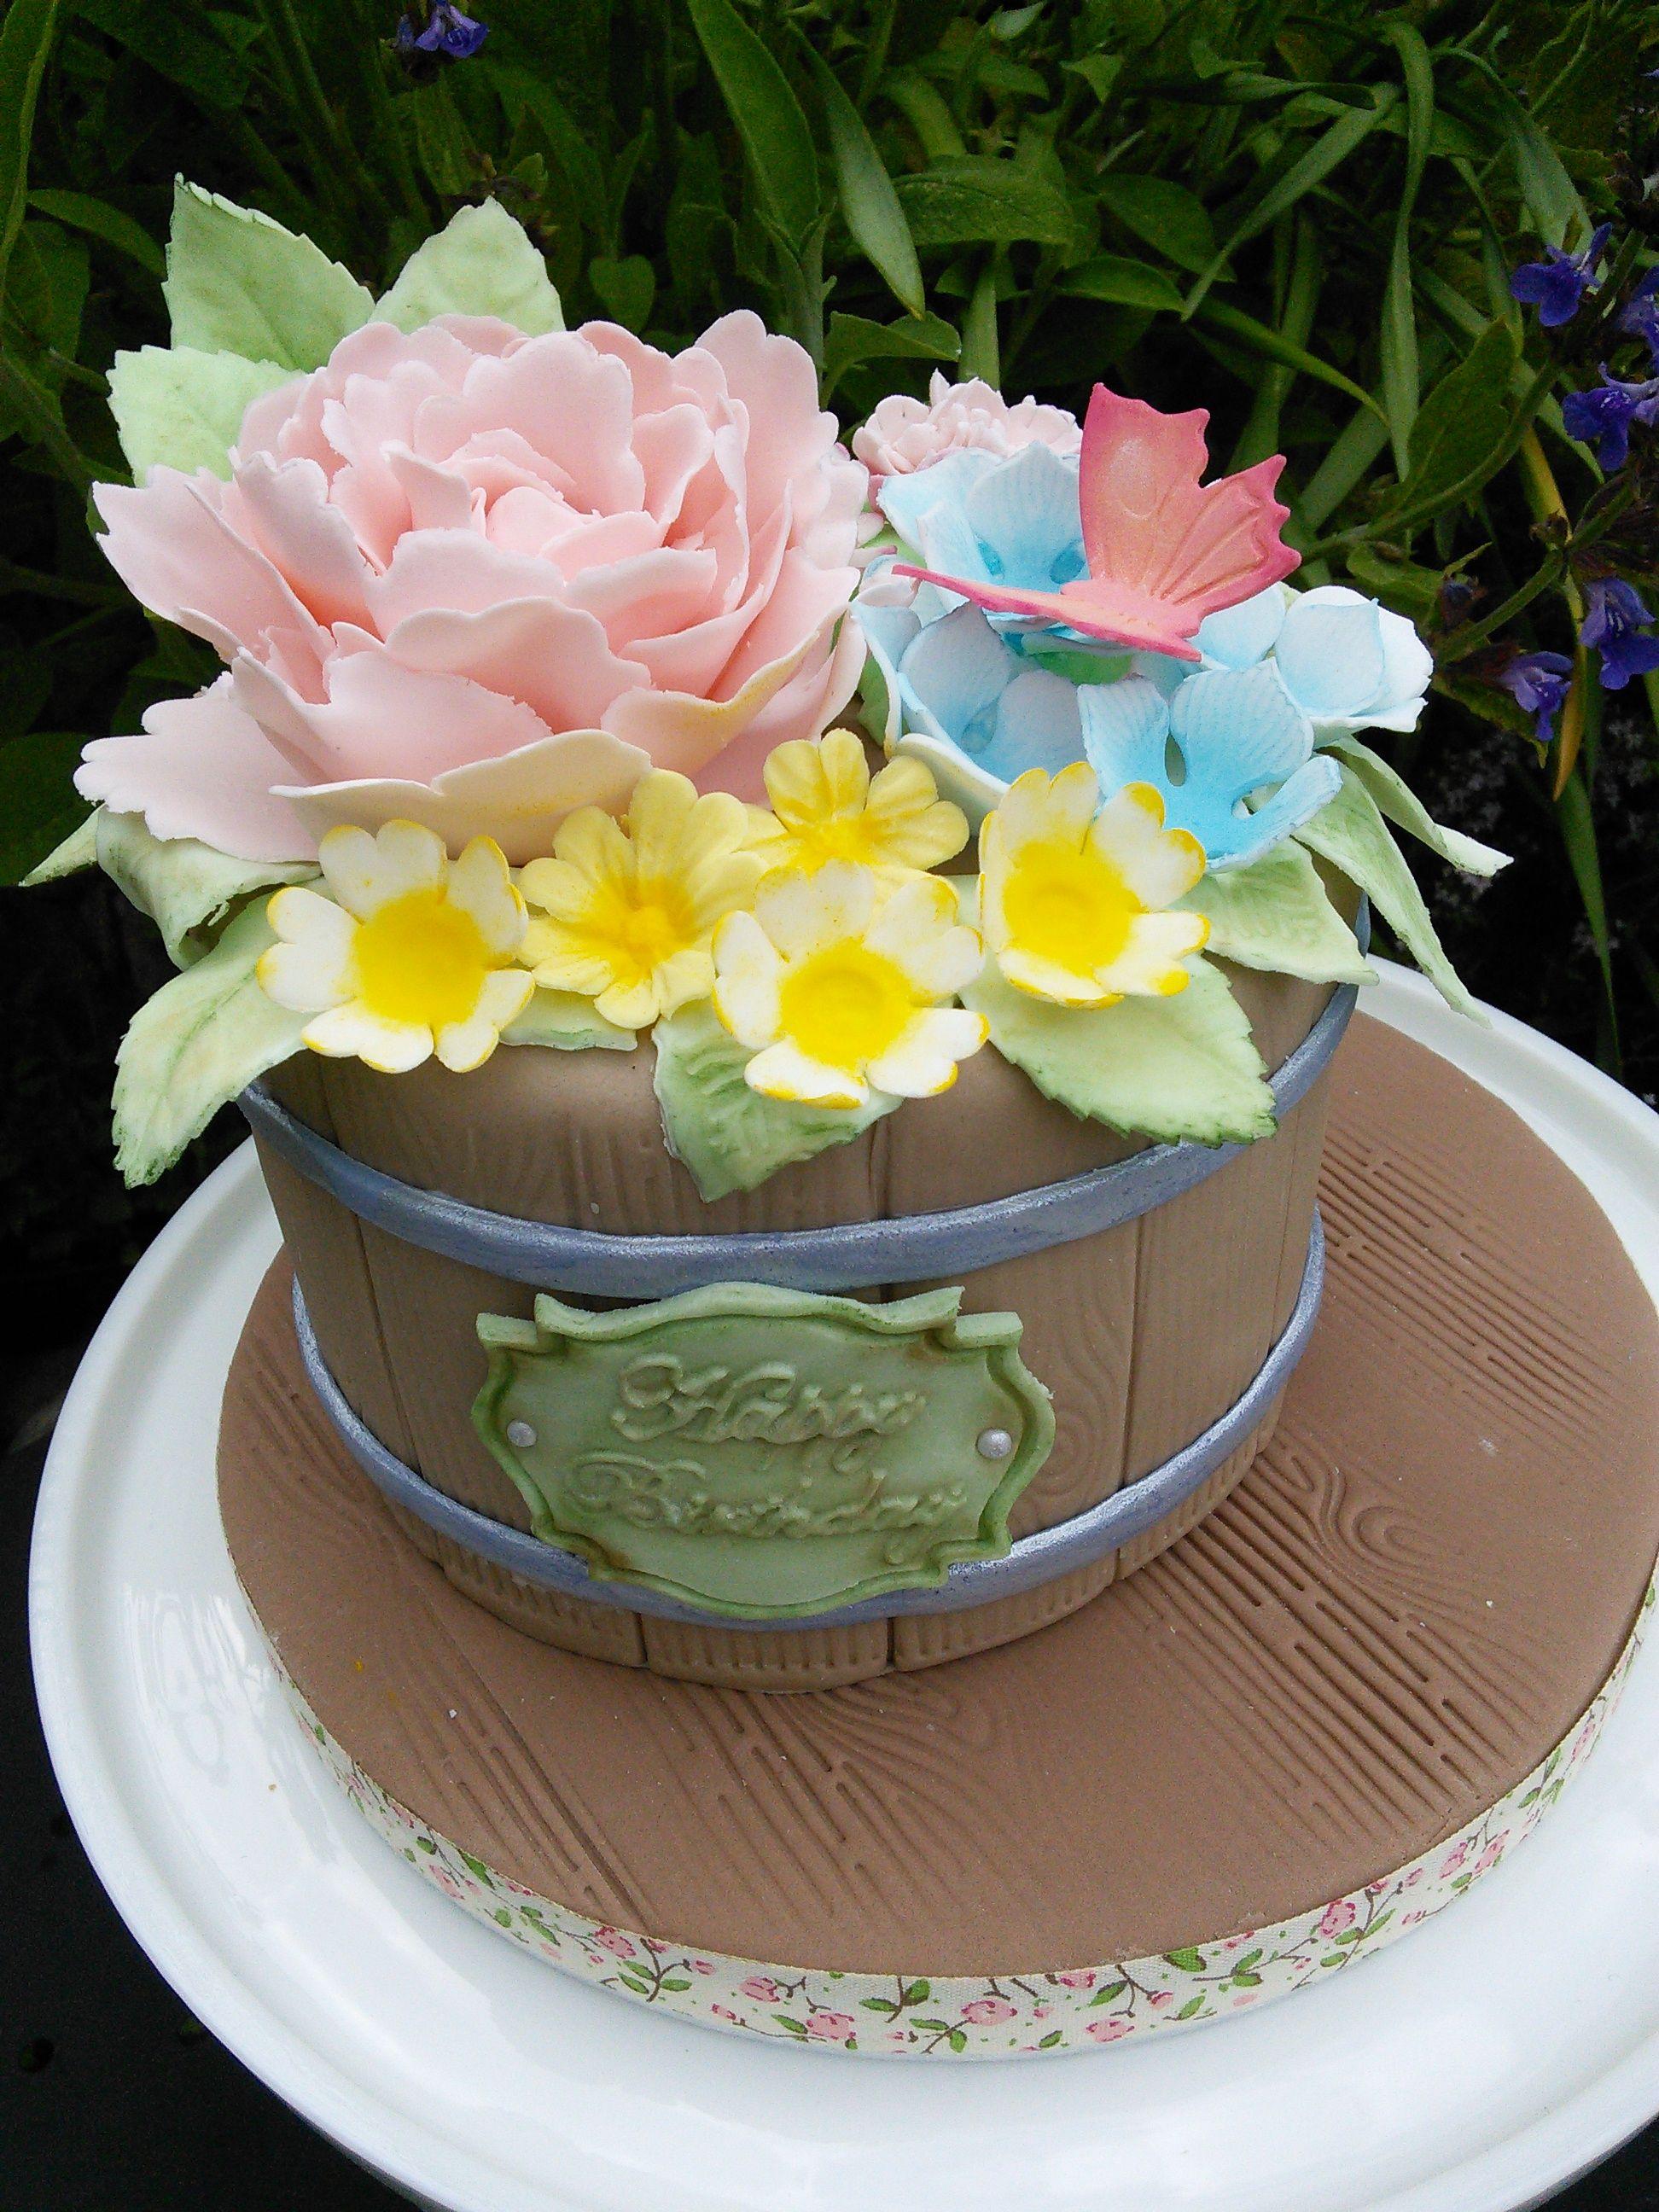 Flower planter birthday cake cakes for women birthday